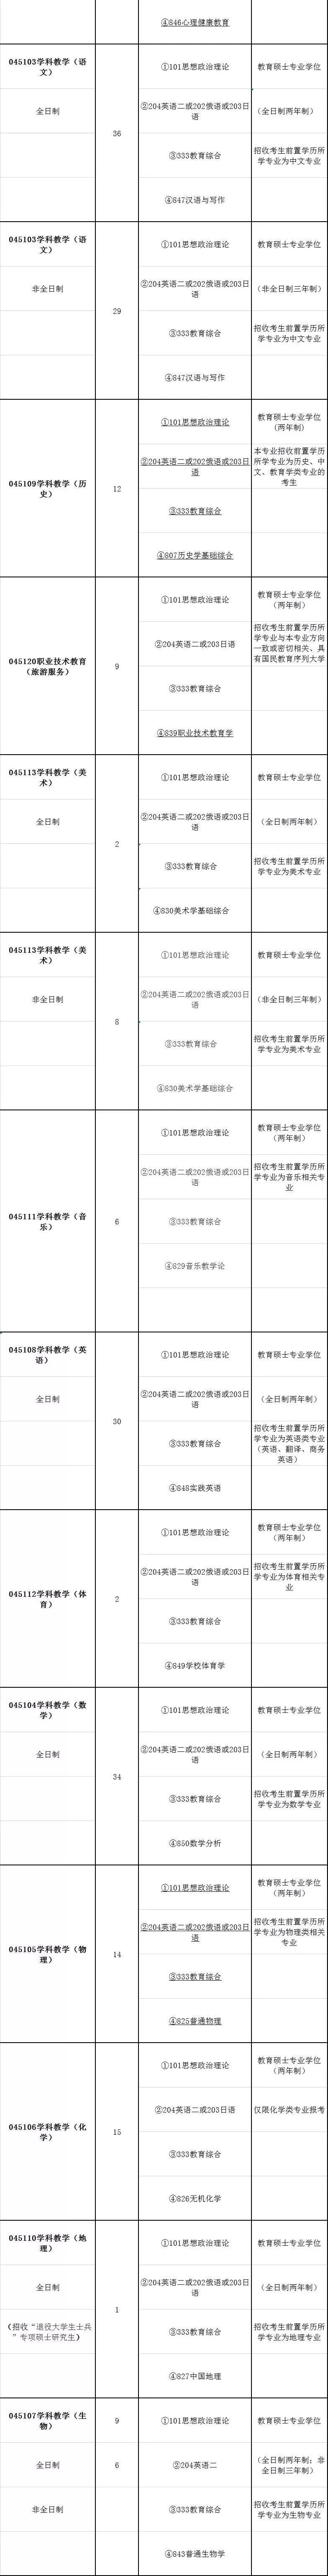 2020辽宁师范大学教育学考研专业目录及参考书